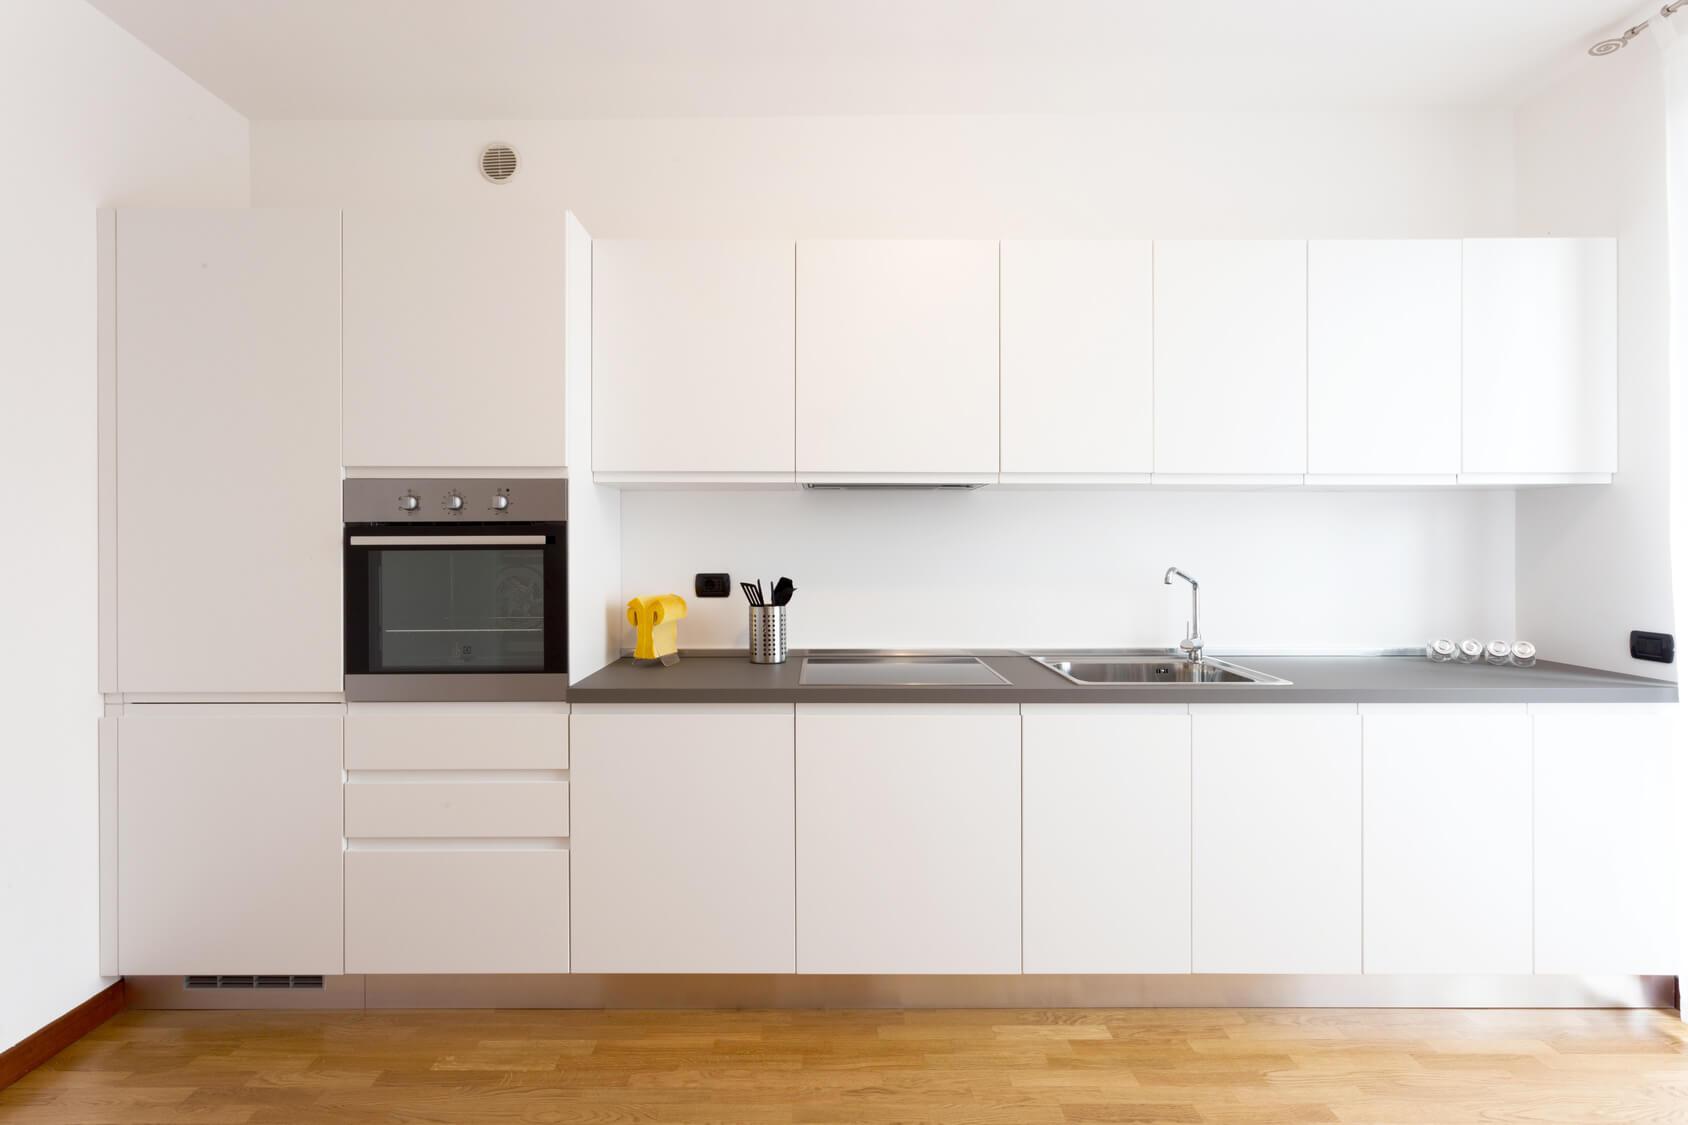 Cocina funcional en puerta canteada blanca y tirador de uñero